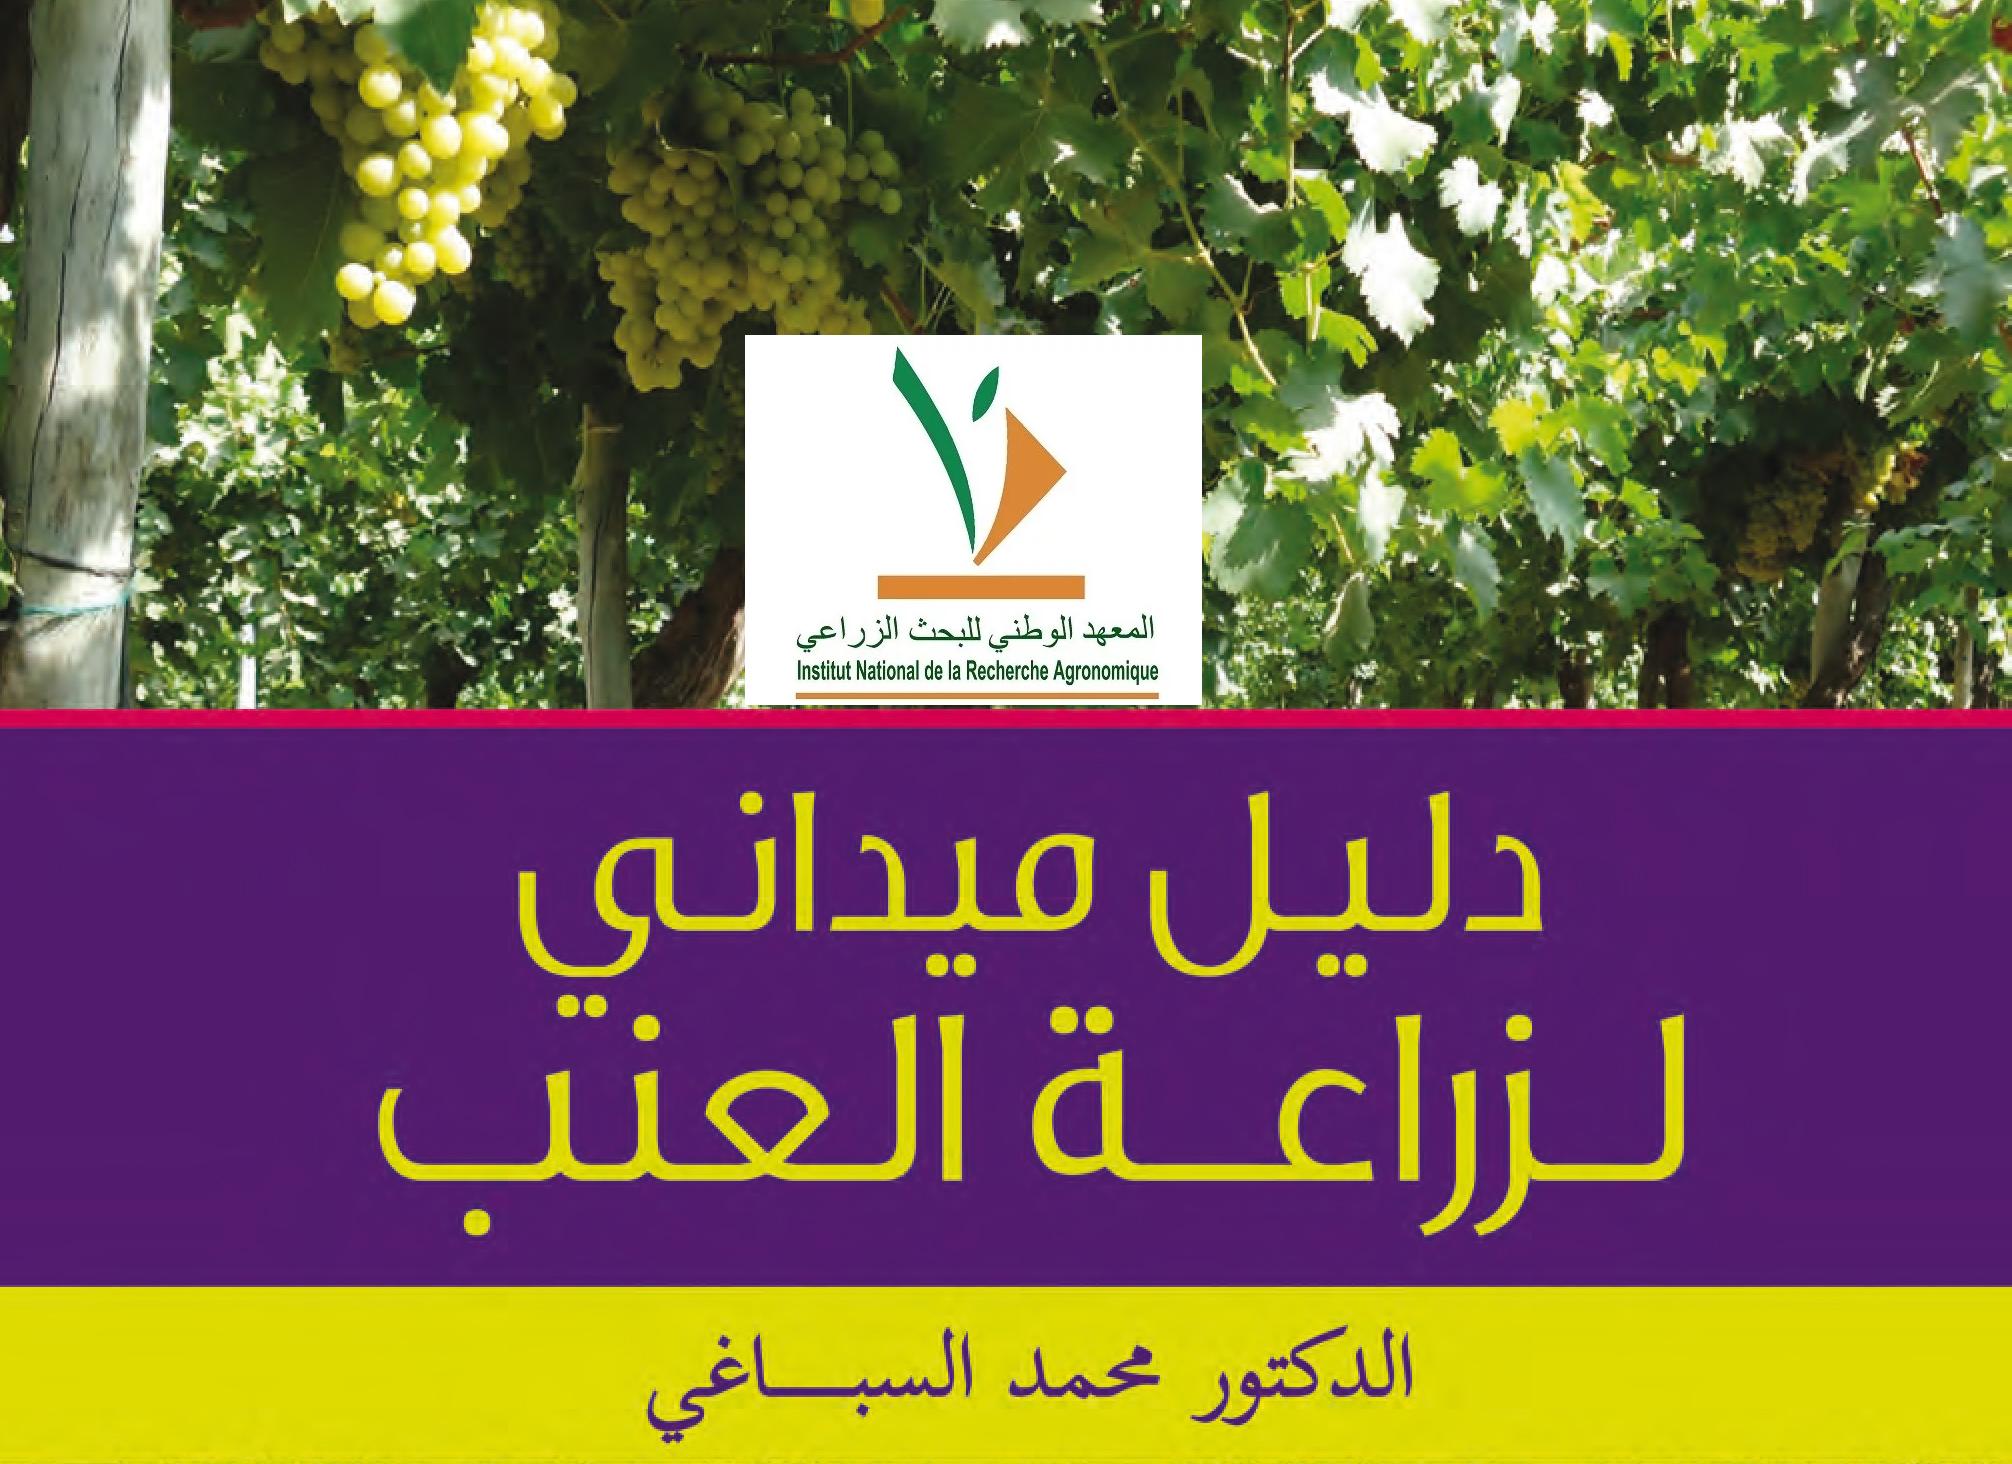 Guide pratique du viticulteur en langue arabe